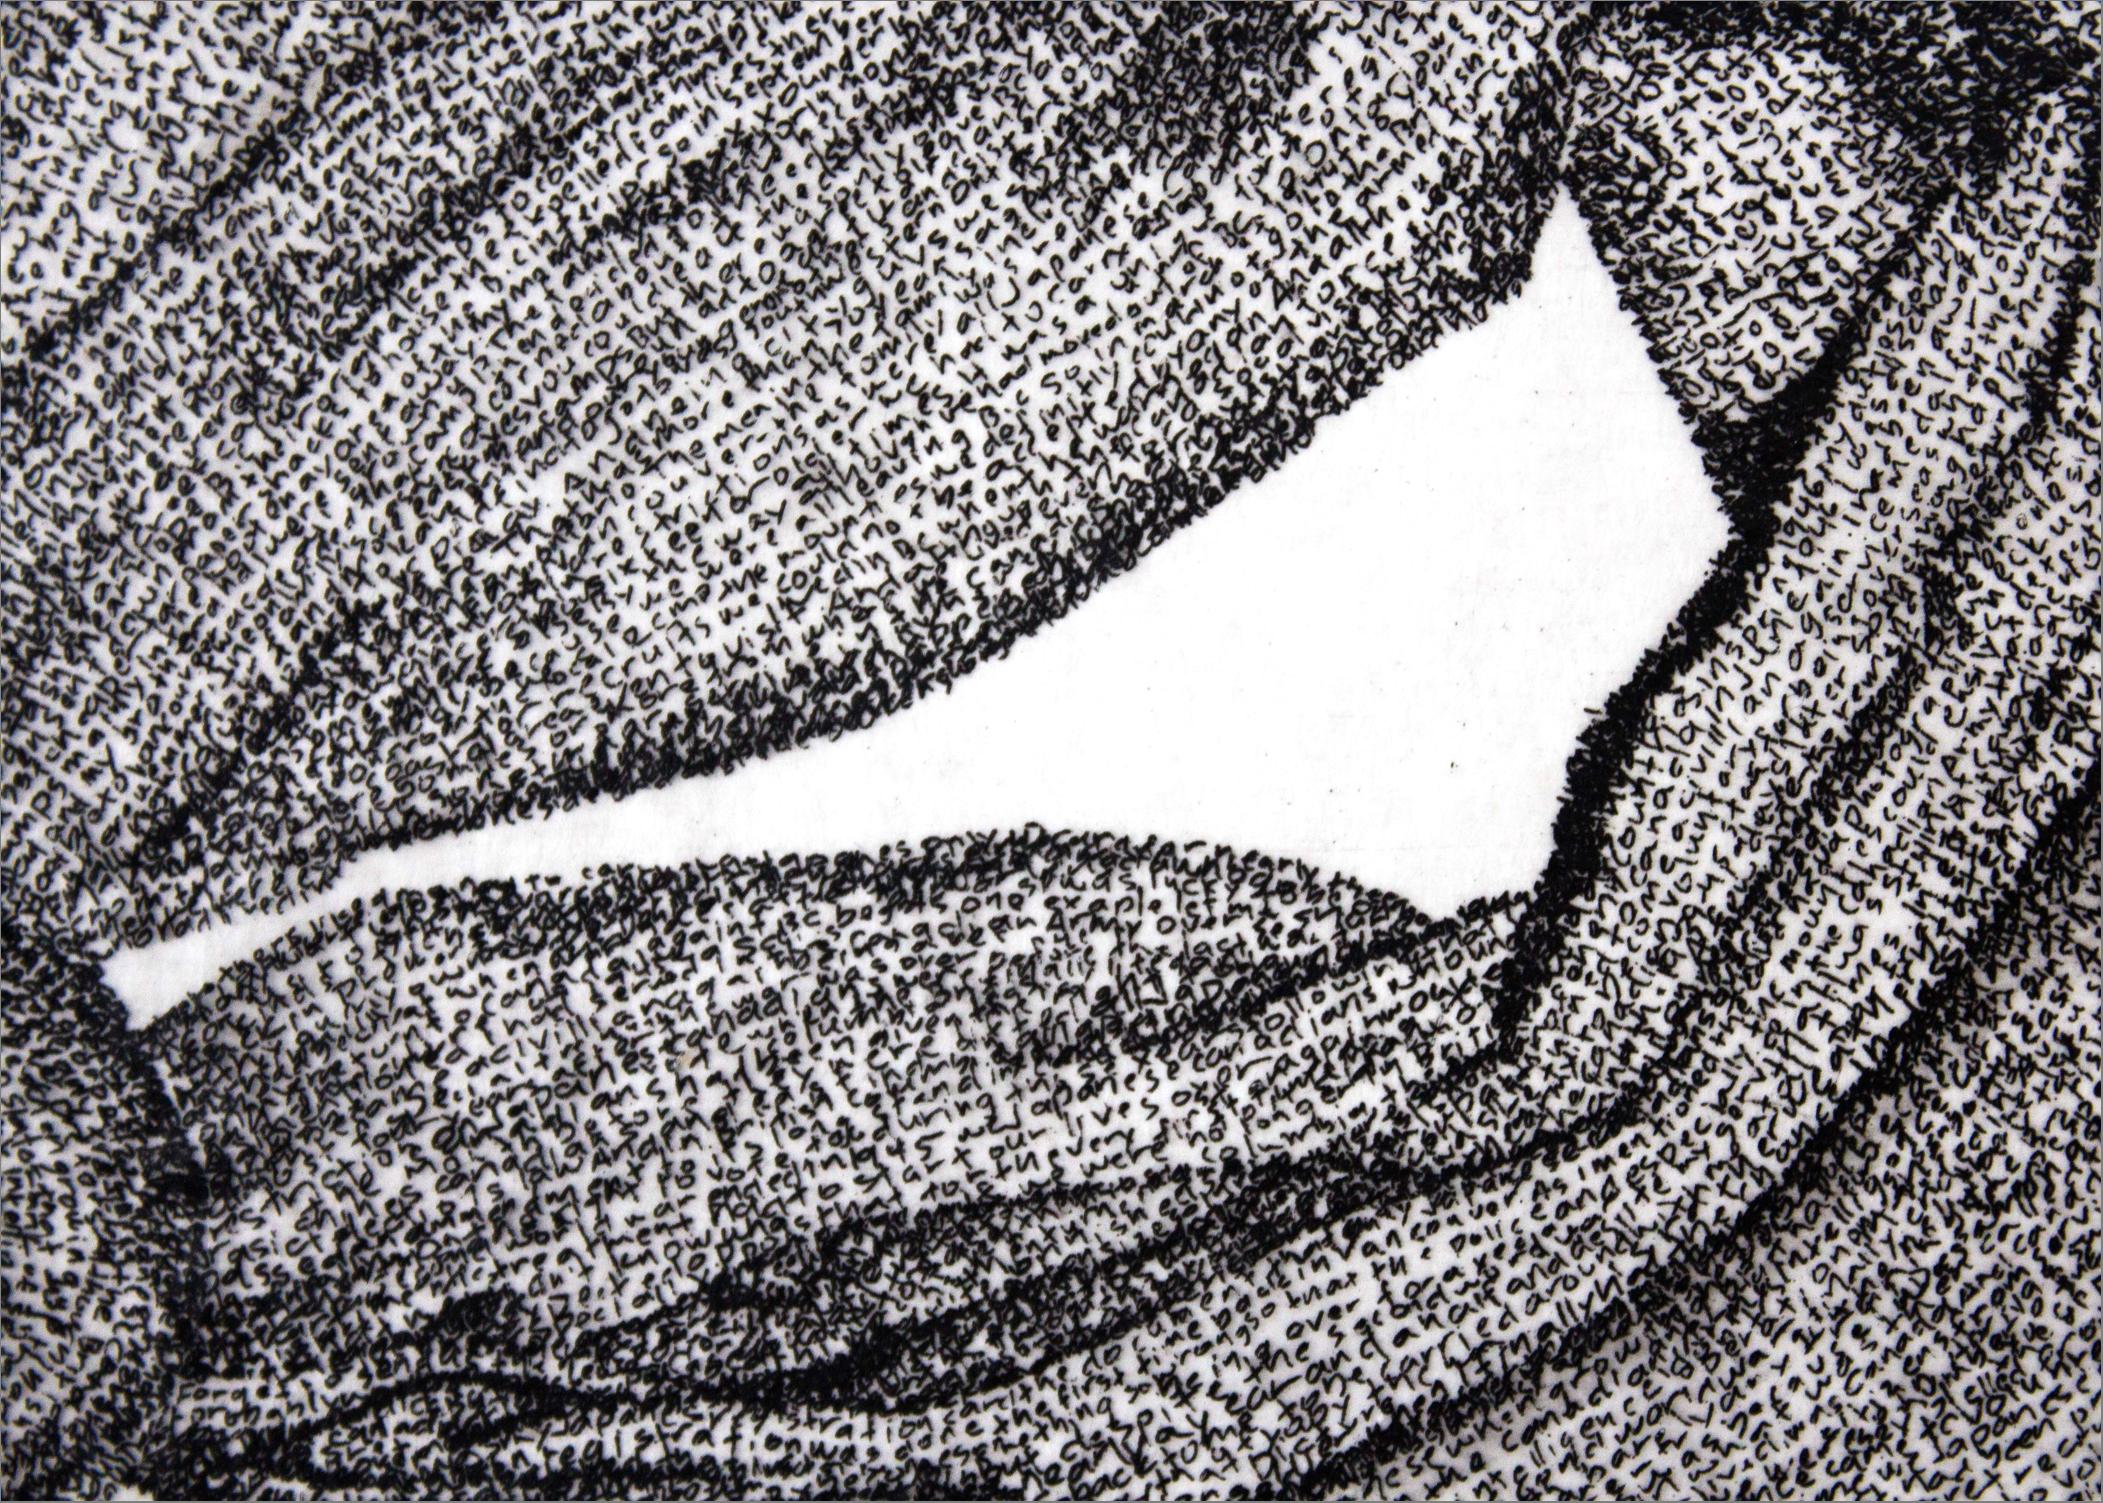 Frank Moritsugu - Detail 2